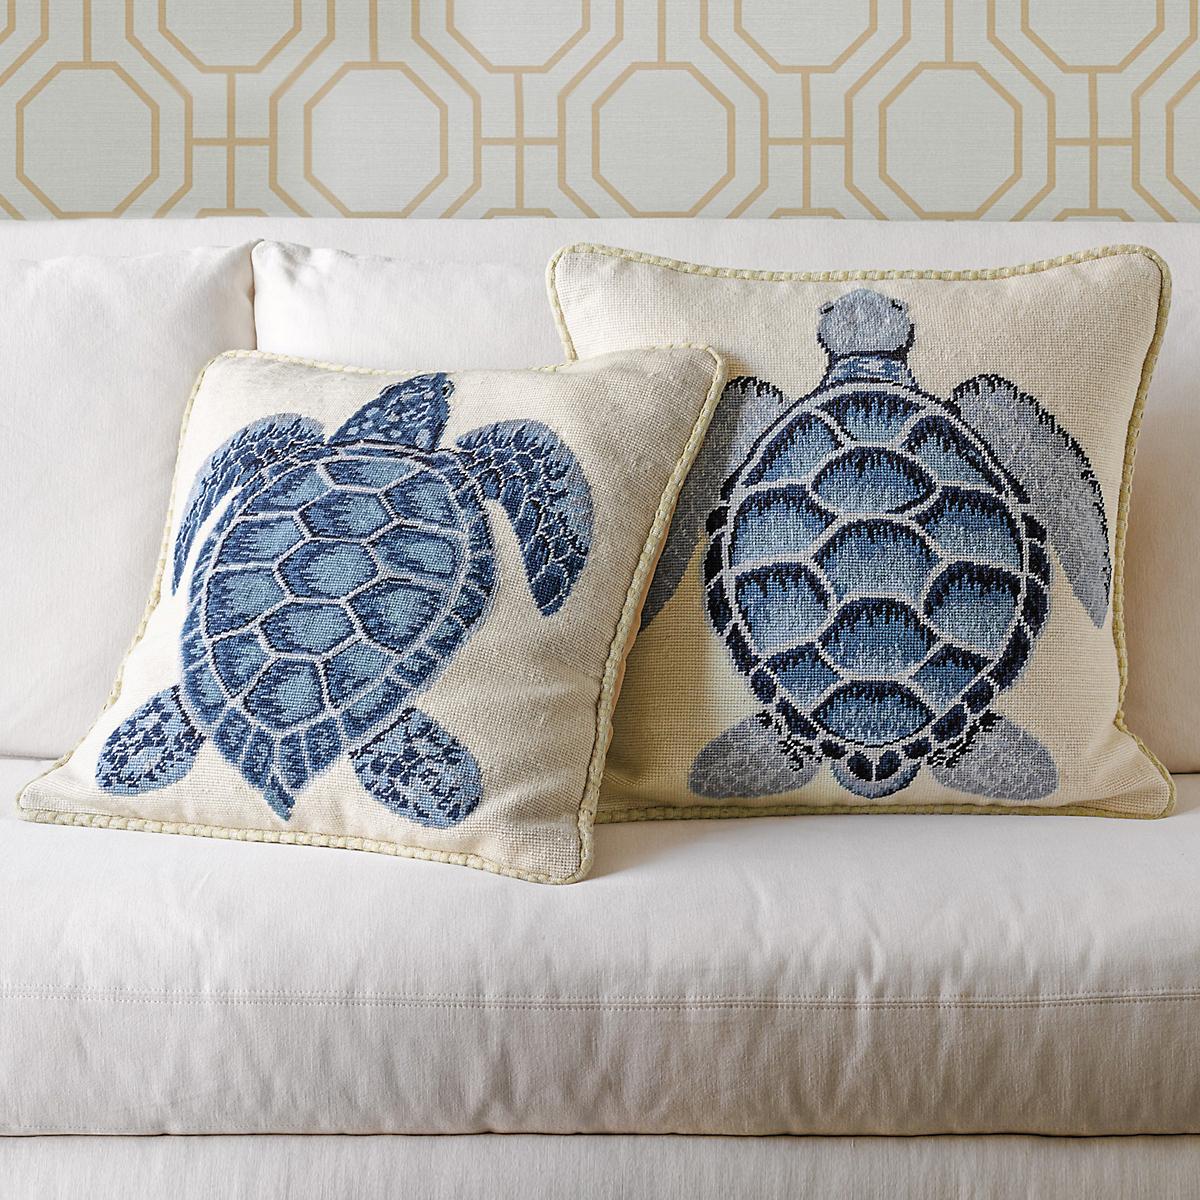 Sea Turtle Needlepoint Pillows